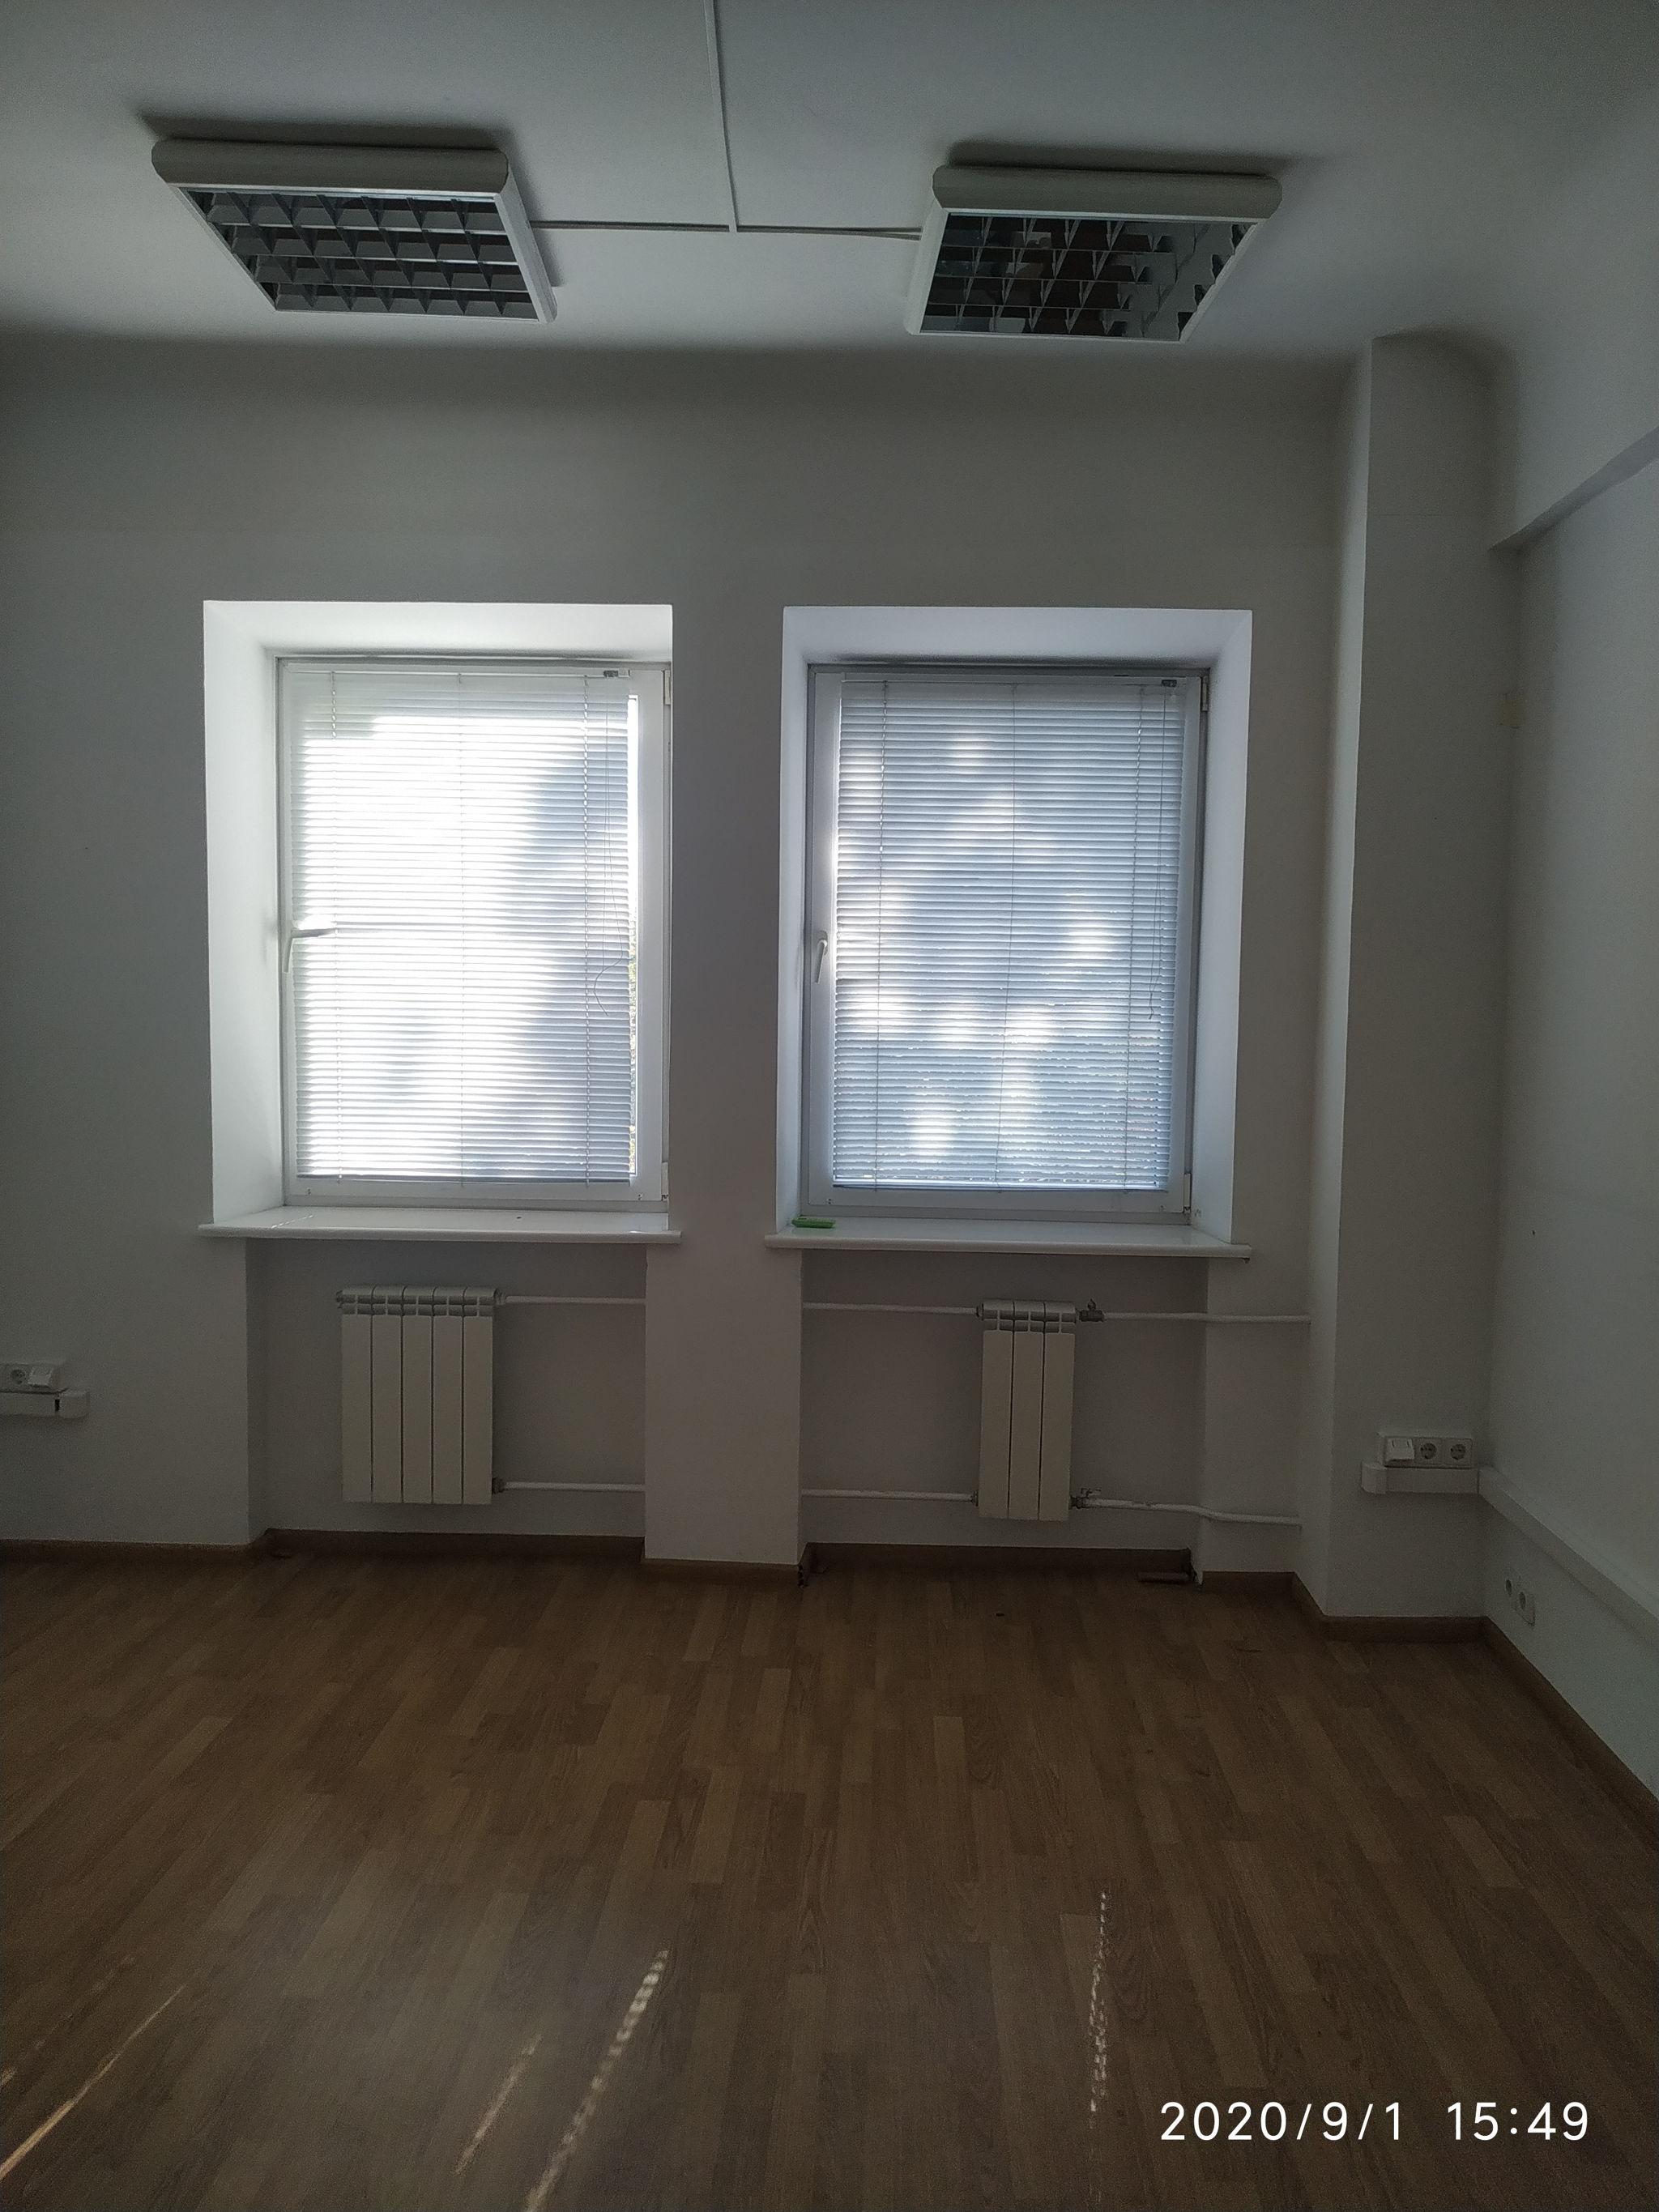 Офис, W-6227972, Васильковская, 34, Киев - Фото 1